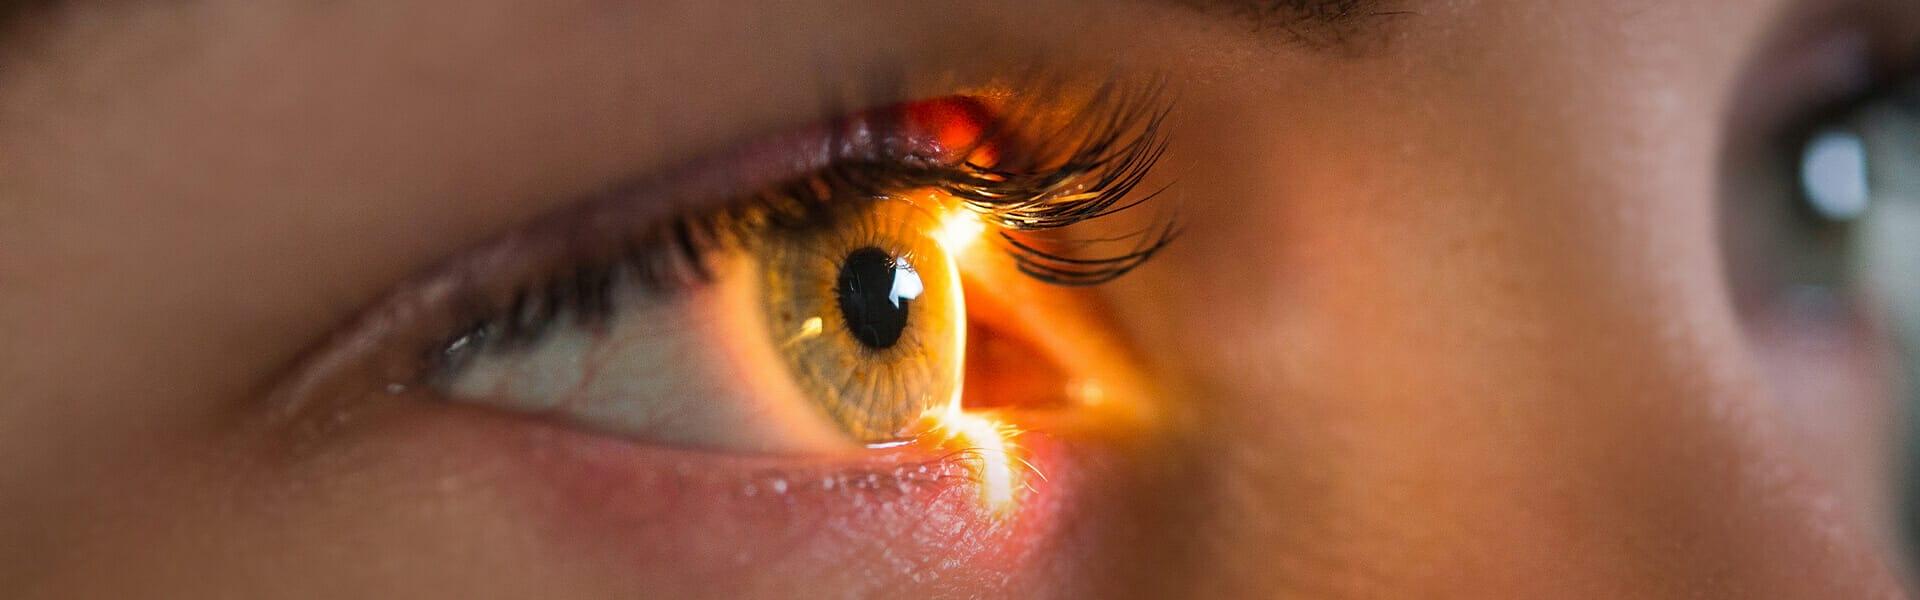 Θυρεοειδική Οφθαλμοπάθεια - Αίτια, Συμπτώματα & Αντιμετώπιση